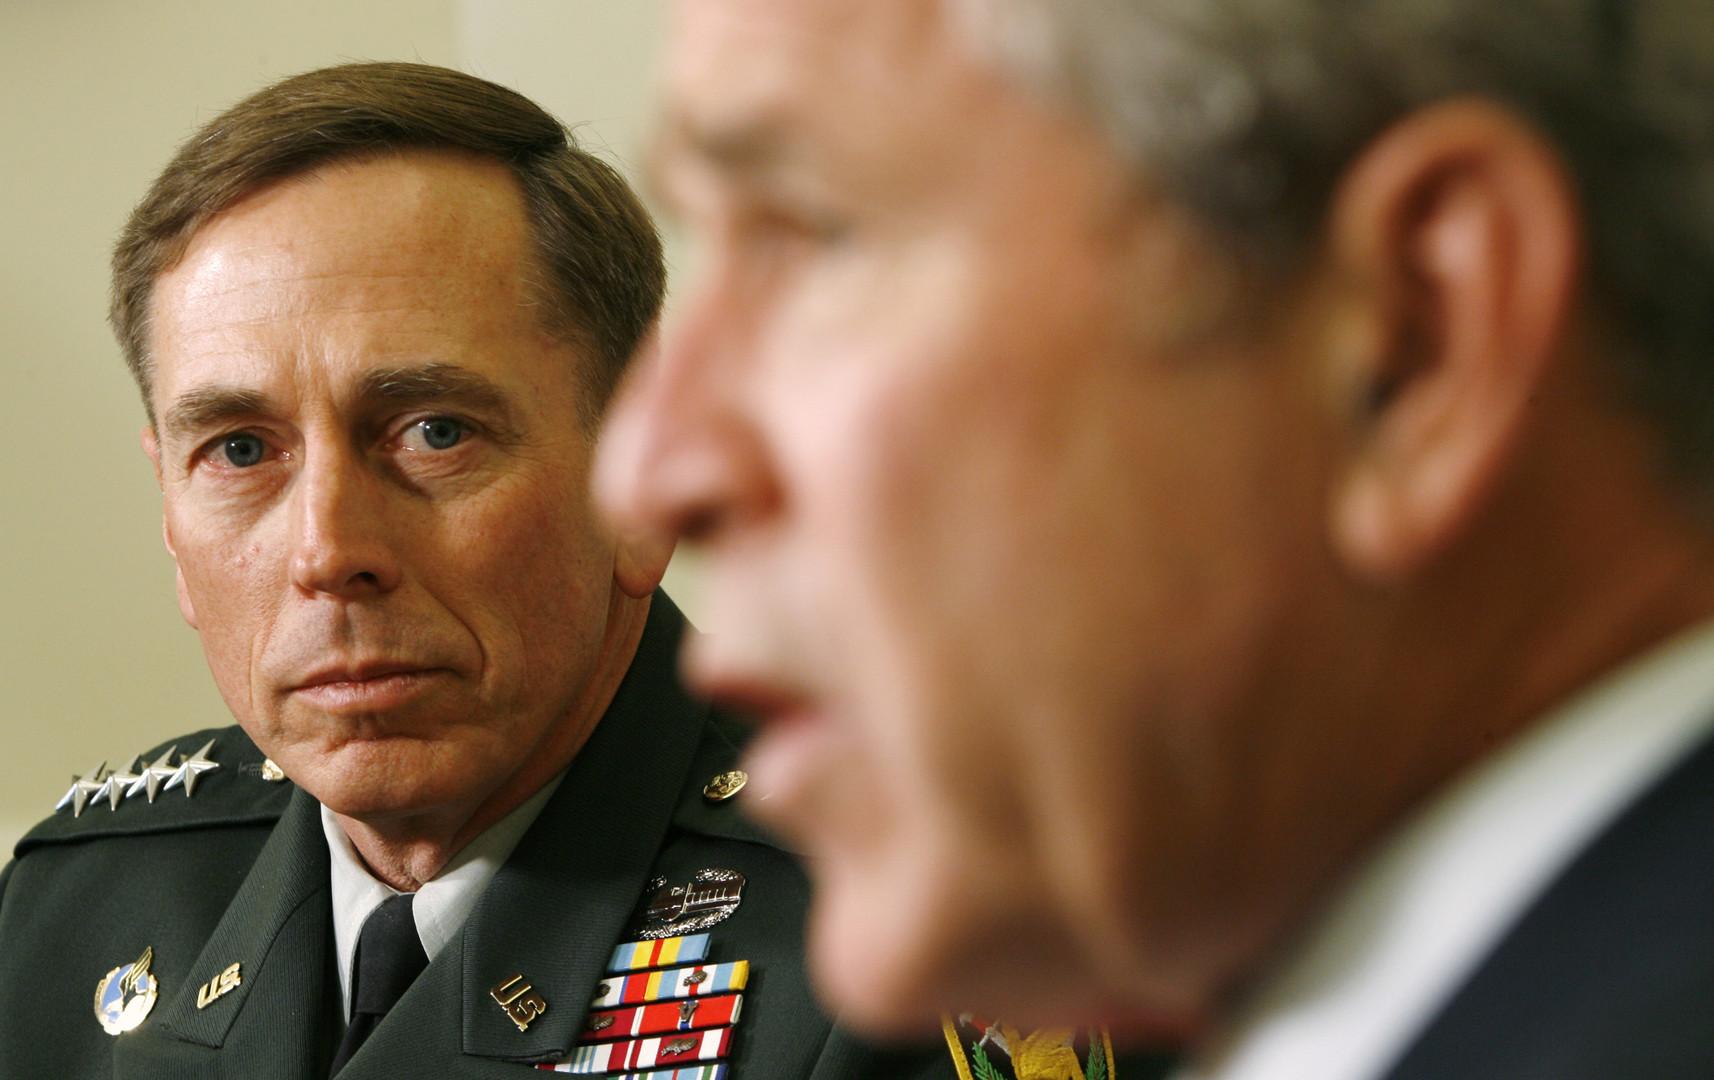 David Petraeus bei einem Treffen mit Präsident George W. Bush im Oval Office des Weißen Hauses, September 2008. Zu diesem Zeitpunkt kam die Strategie der konfessionellen Spaltung voll zur Entfaltung: Petraeus hatte im Iraq ein Regime der Folter, der Terrors und der Spaltung vorangetrieben.